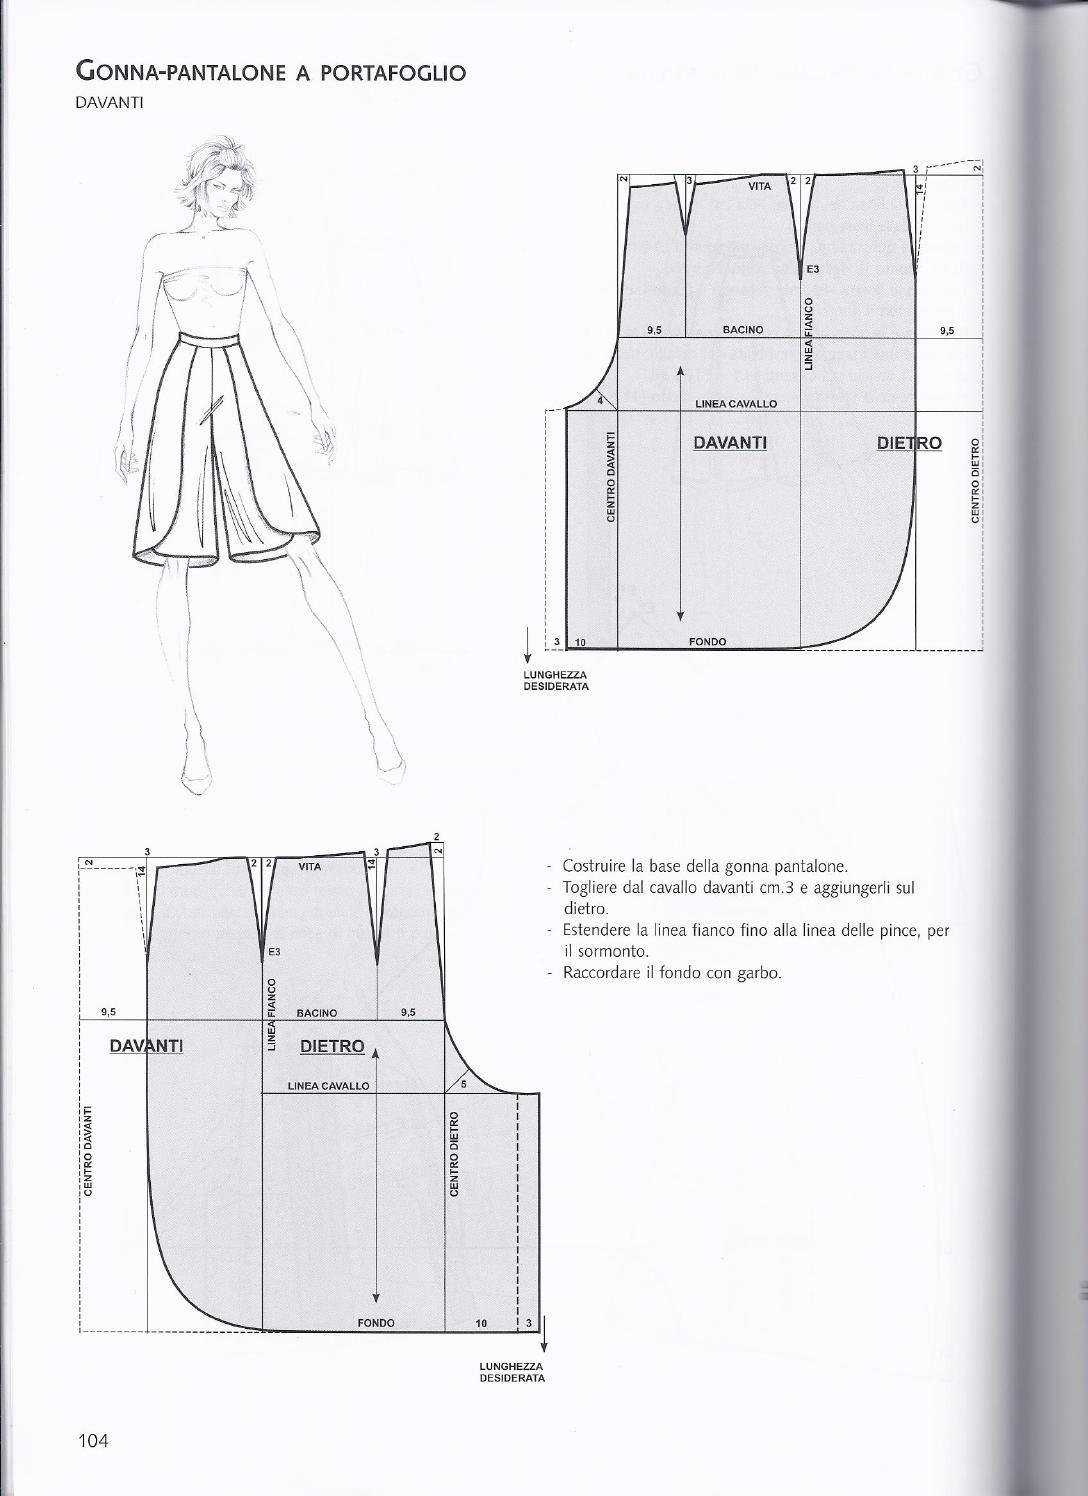 Pin de Mistol Algarroba en Costura | Pinterest | Patrones, Costura y ...